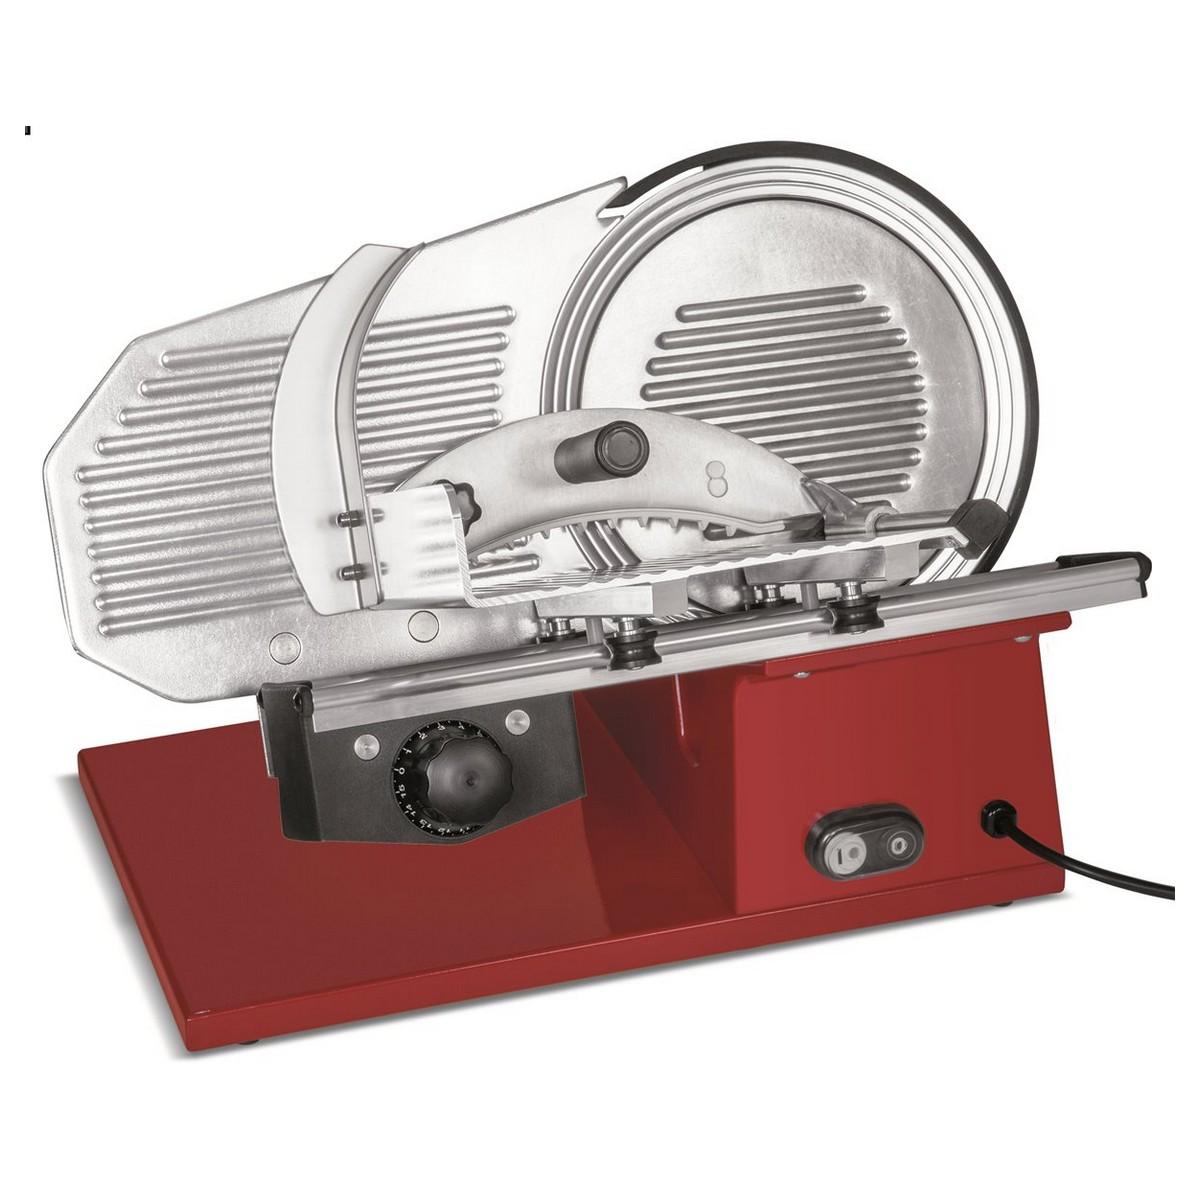 Allesschneider Modell Evolution 250 - Rot mit Edelstahlklinge Ø 250 mm